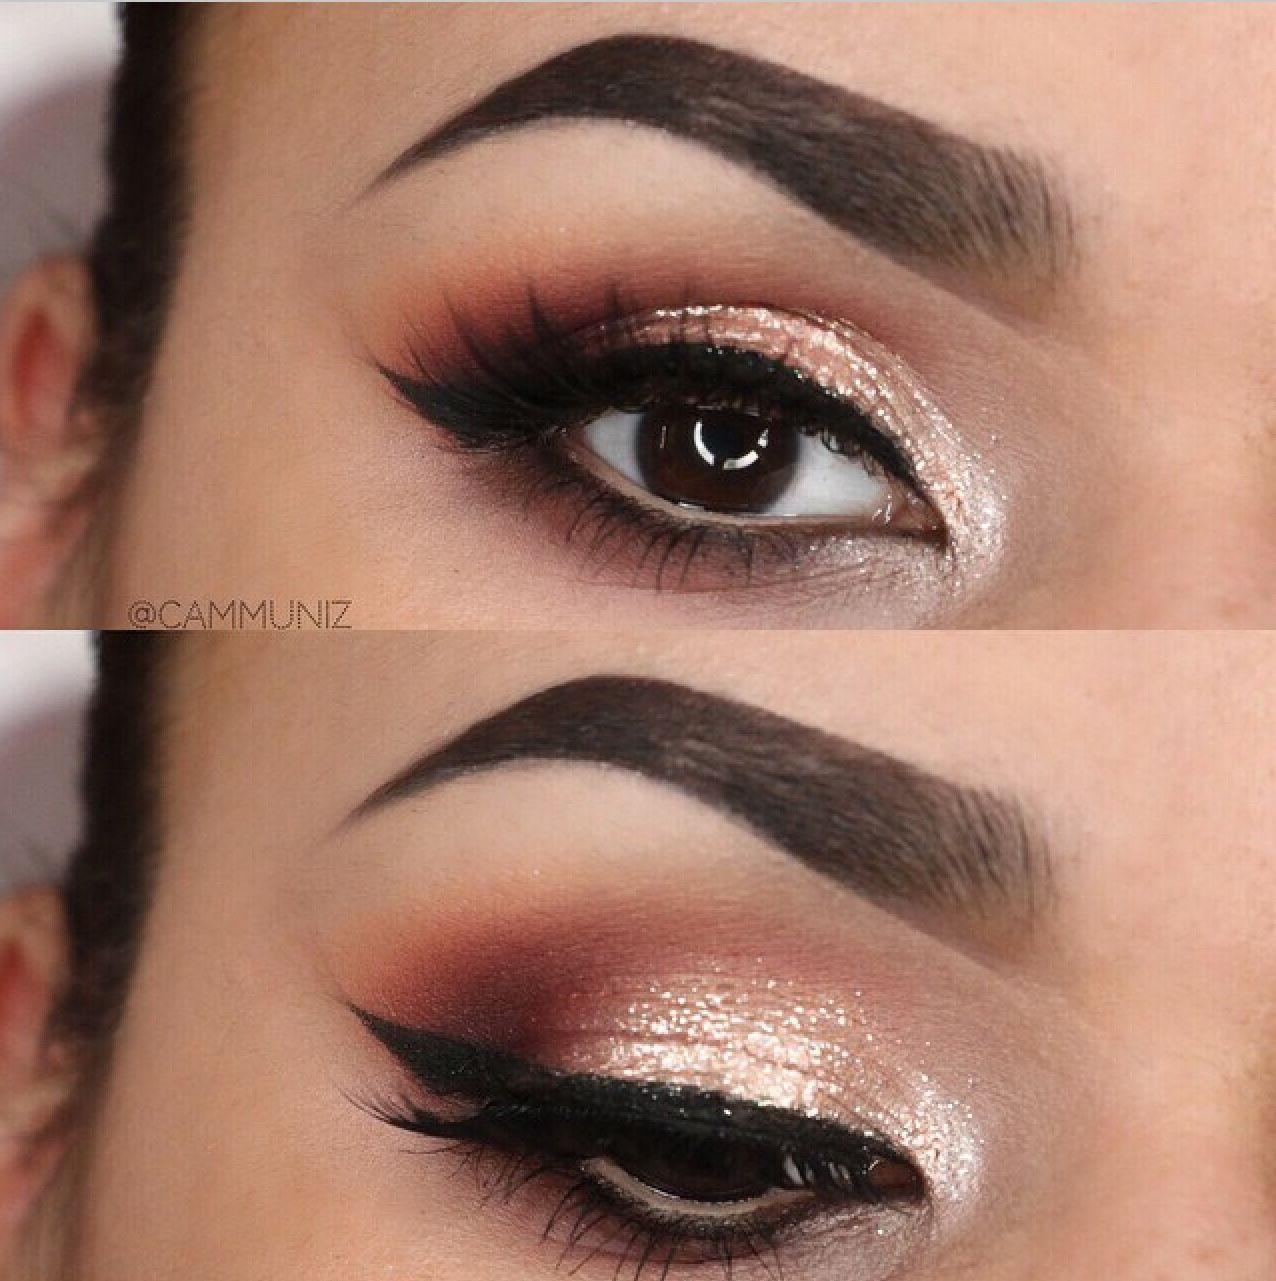 Makeup Glitter Eye Makeup Look Eye Makeup Pinterest Glitter